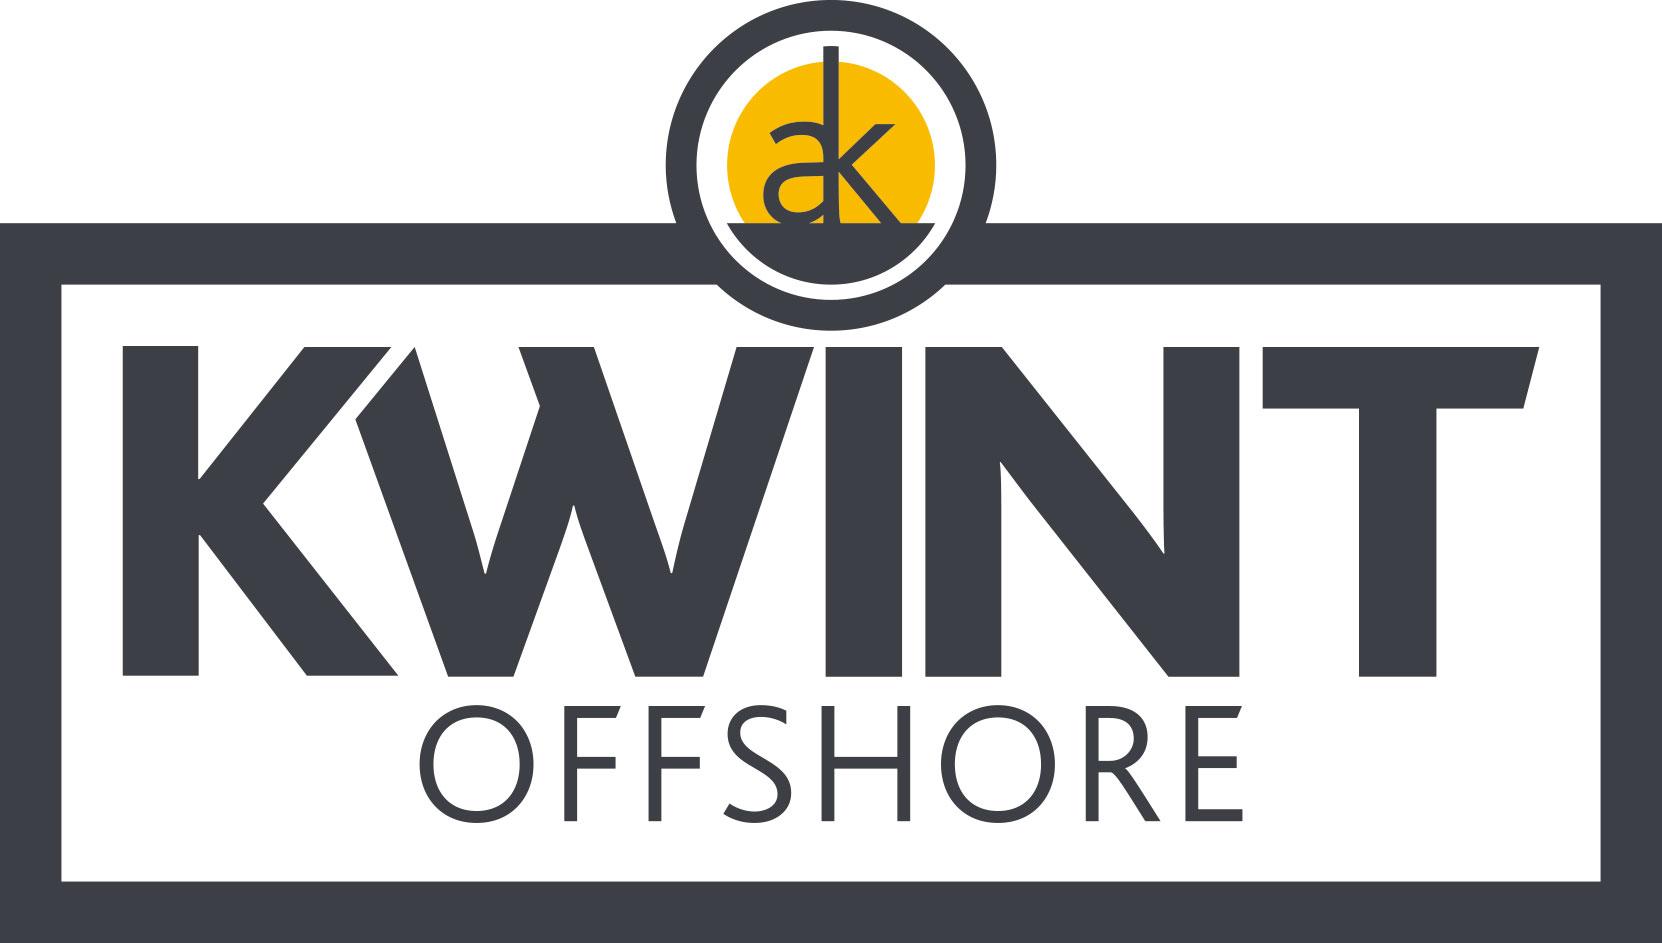 Kwint Offshore